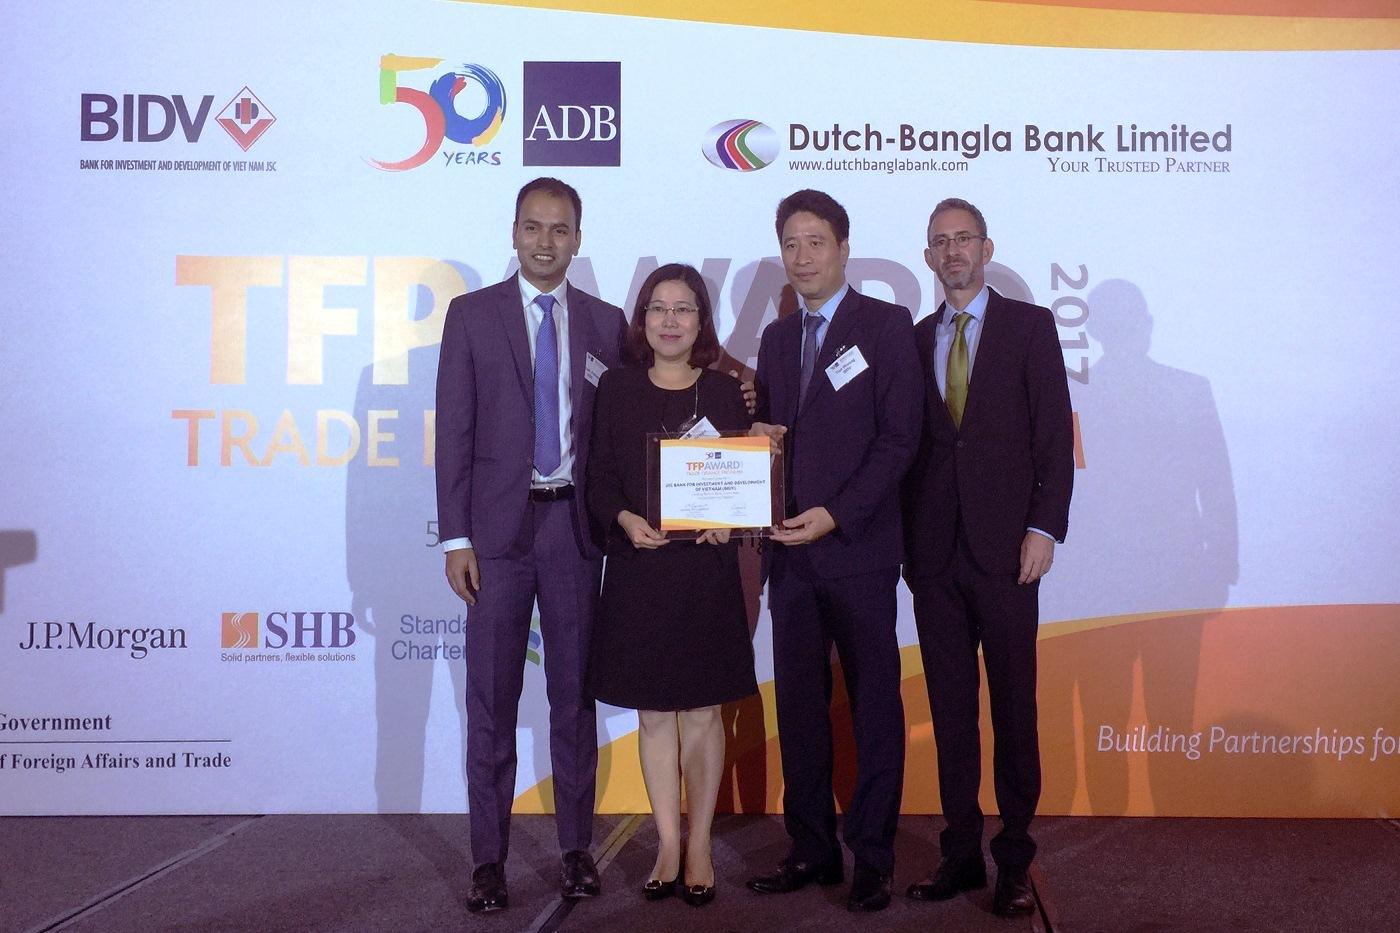 La BIDV nommée pour la 2e année consécutive « Première banque partenaire au Vietnam » par la BAD